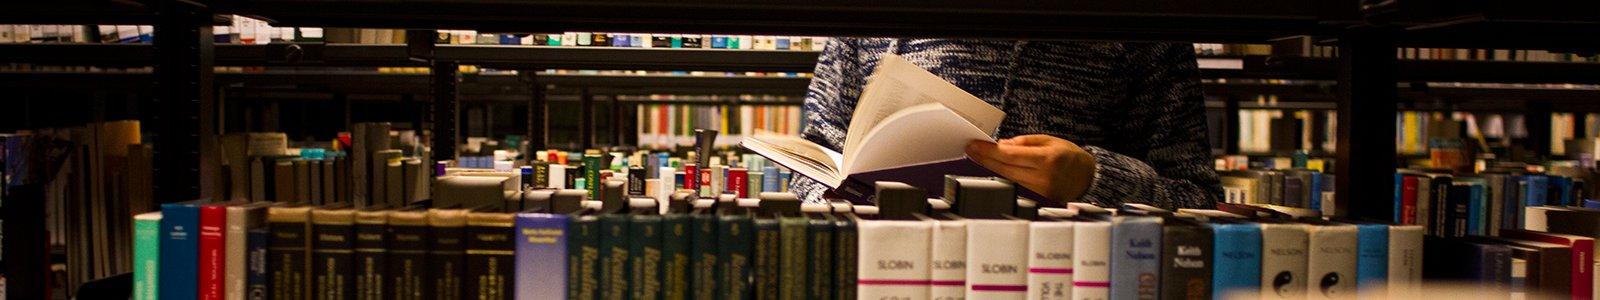 Student bladert door literatuur in de Universiteitsbibliotheek